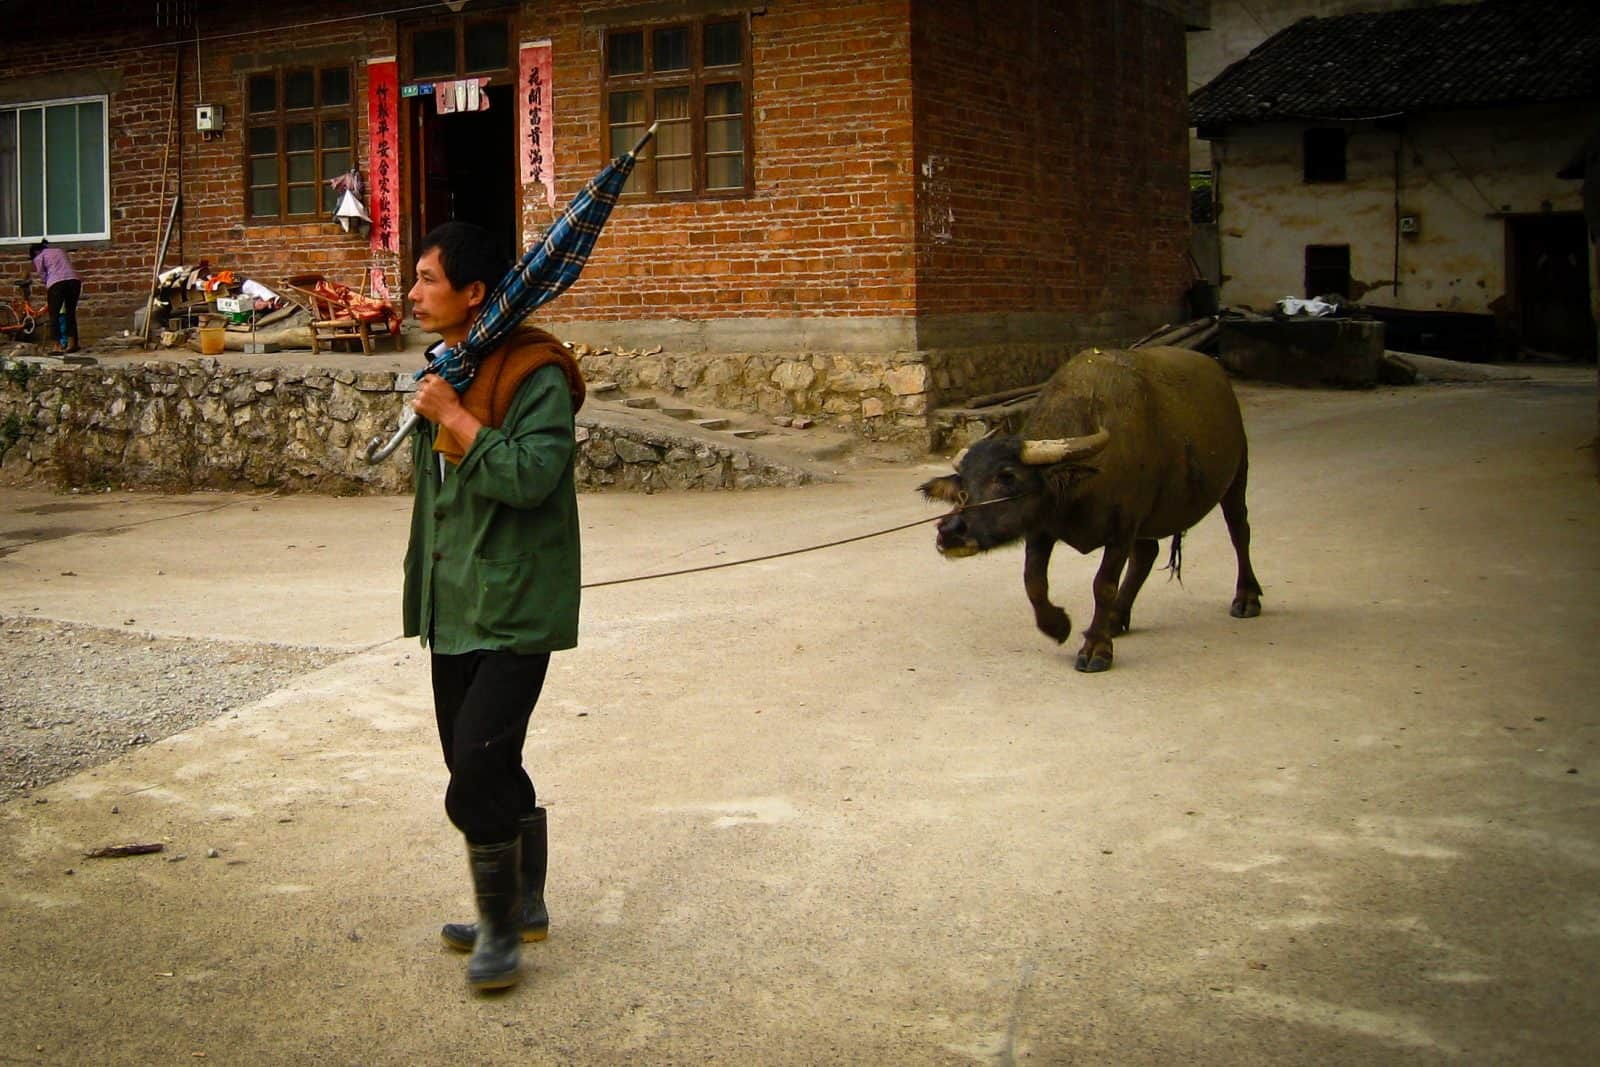 Village, China